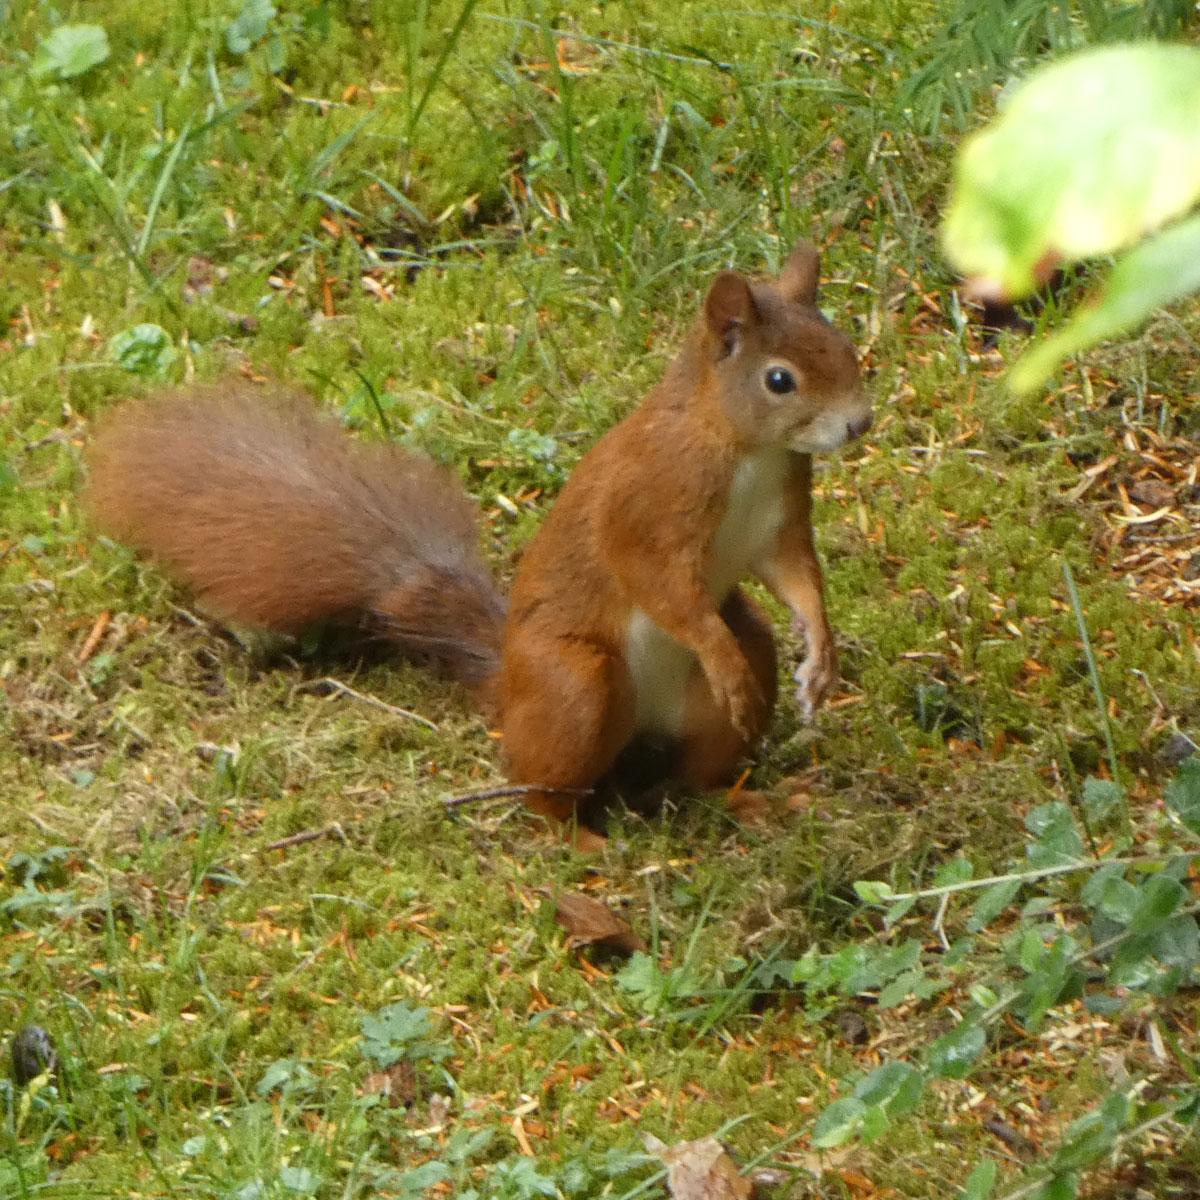 Eichhörnchen Verhalten: Eichhörnchen steht aufrecht